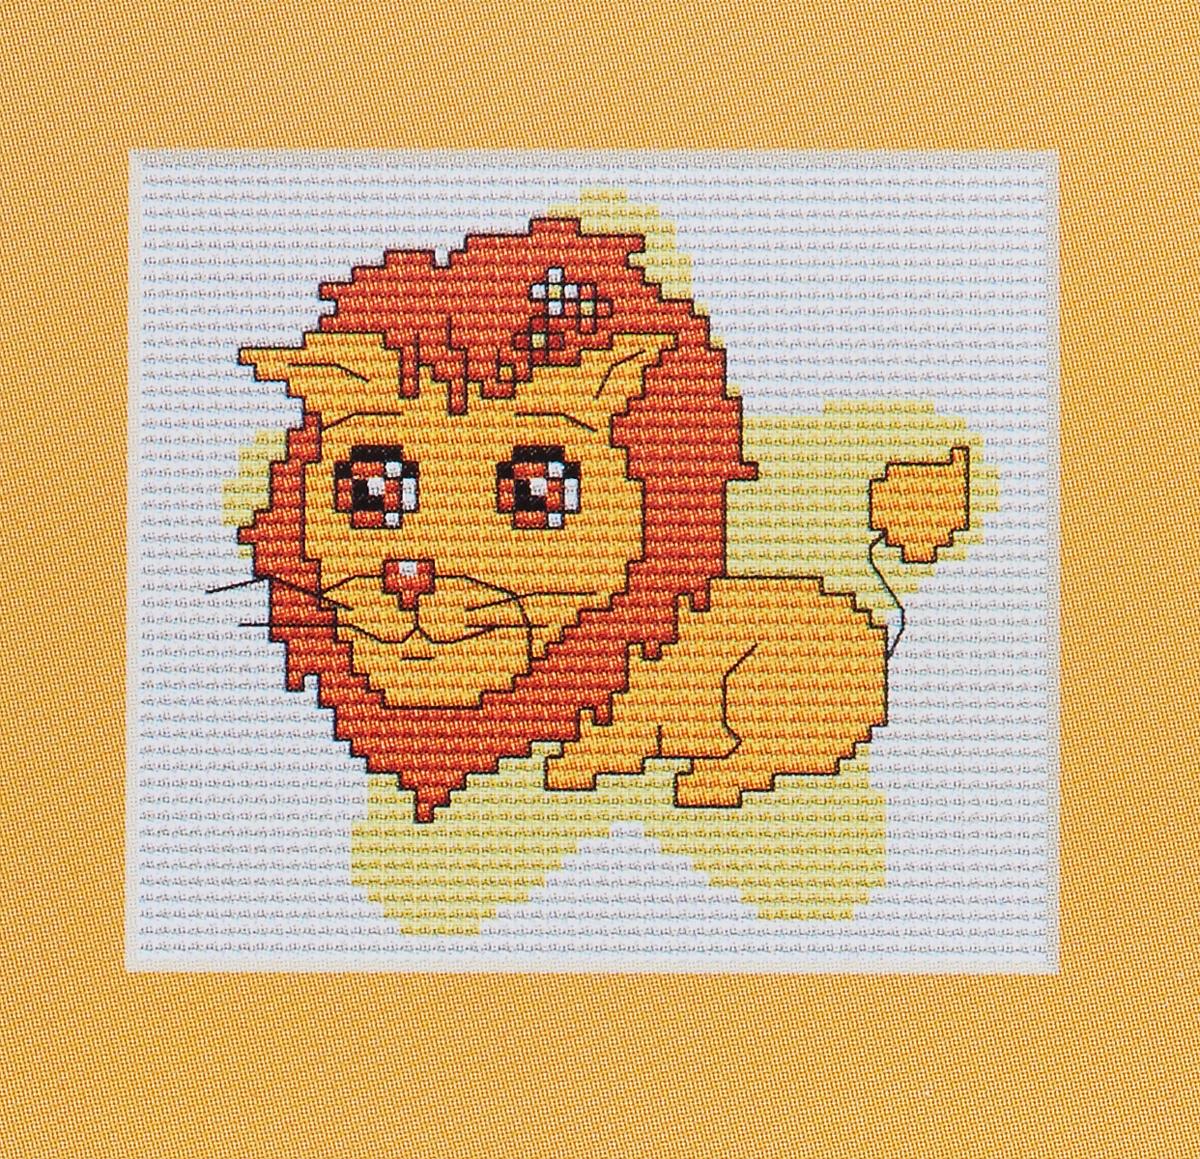 Набор для вышивания крестом Luca-S Лев, 10 х 9,5 смB054Набор для вышивания крестом Luca-S Лев поможет вам создать свой личный шедевр - красивую картину, вышитую нитками мулине в технике счетный крест. Работа, выполненная своими руками, станет отличным подарком для друзей и близких! В набор входит: - белая канва Aida Zweigart 14 (хлопок) без рисунка размером 10 х 9,5 см, - мулине Anchor 6 цветов, - игла, - цветная схема для вышивания.